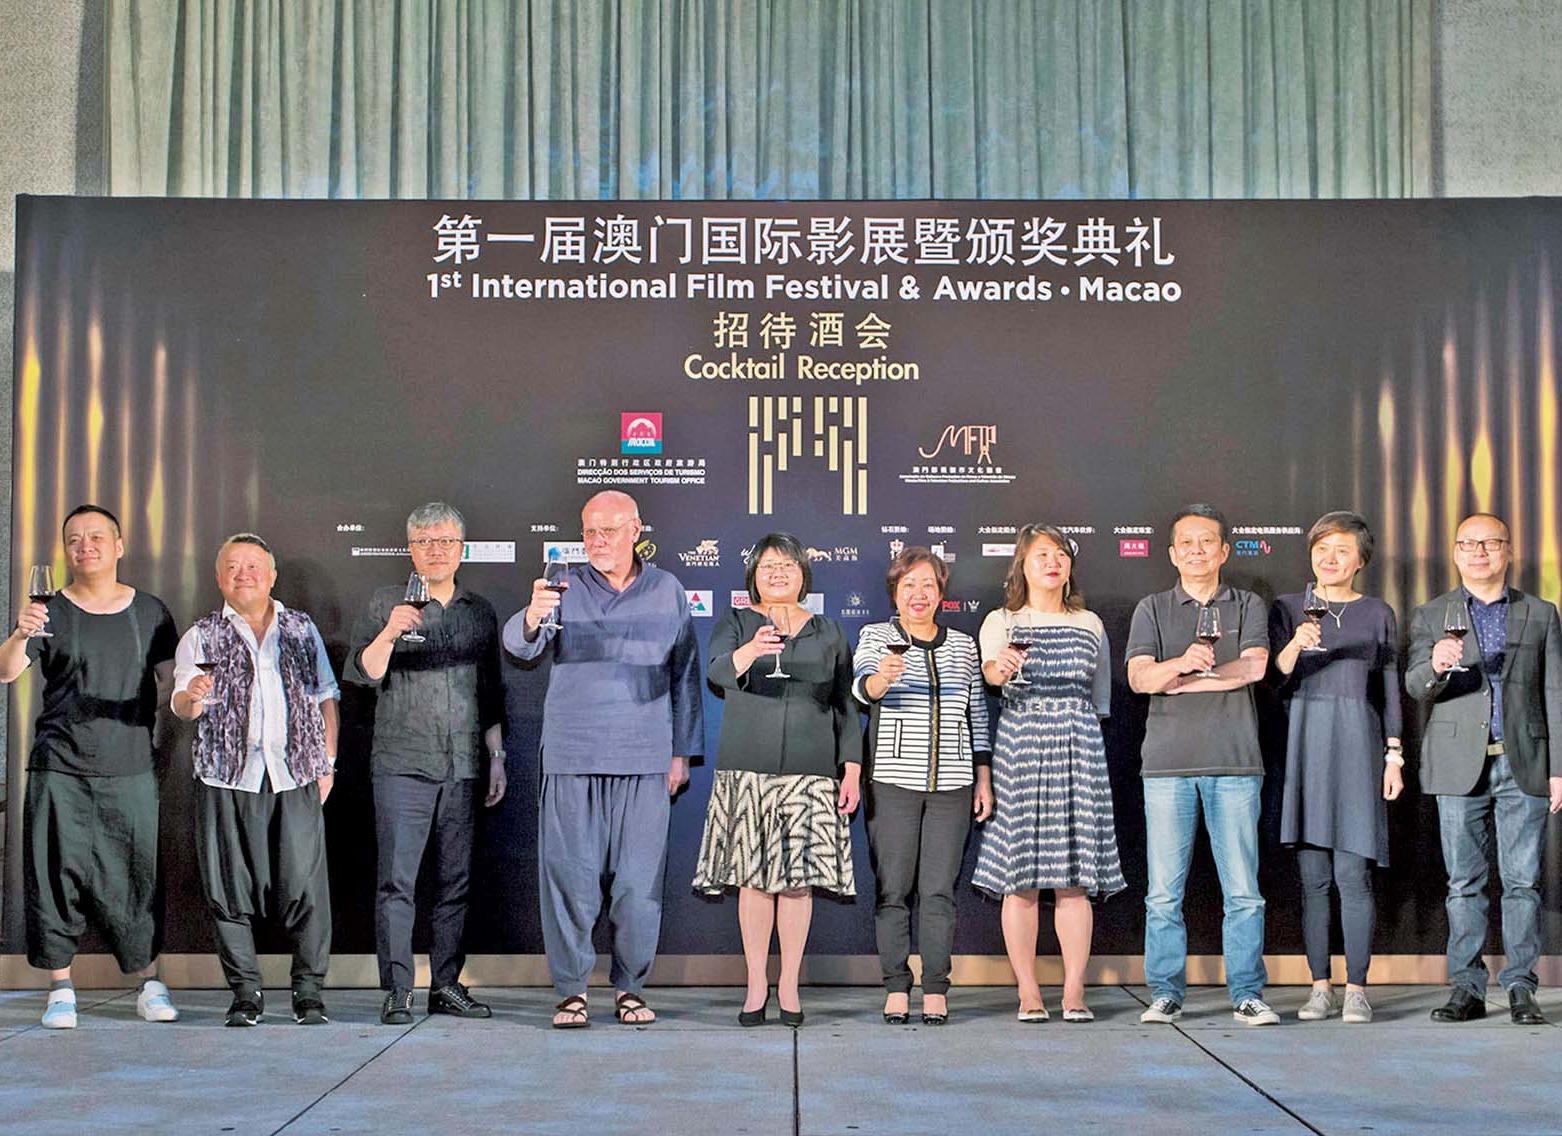 籌委會上海推介盛事